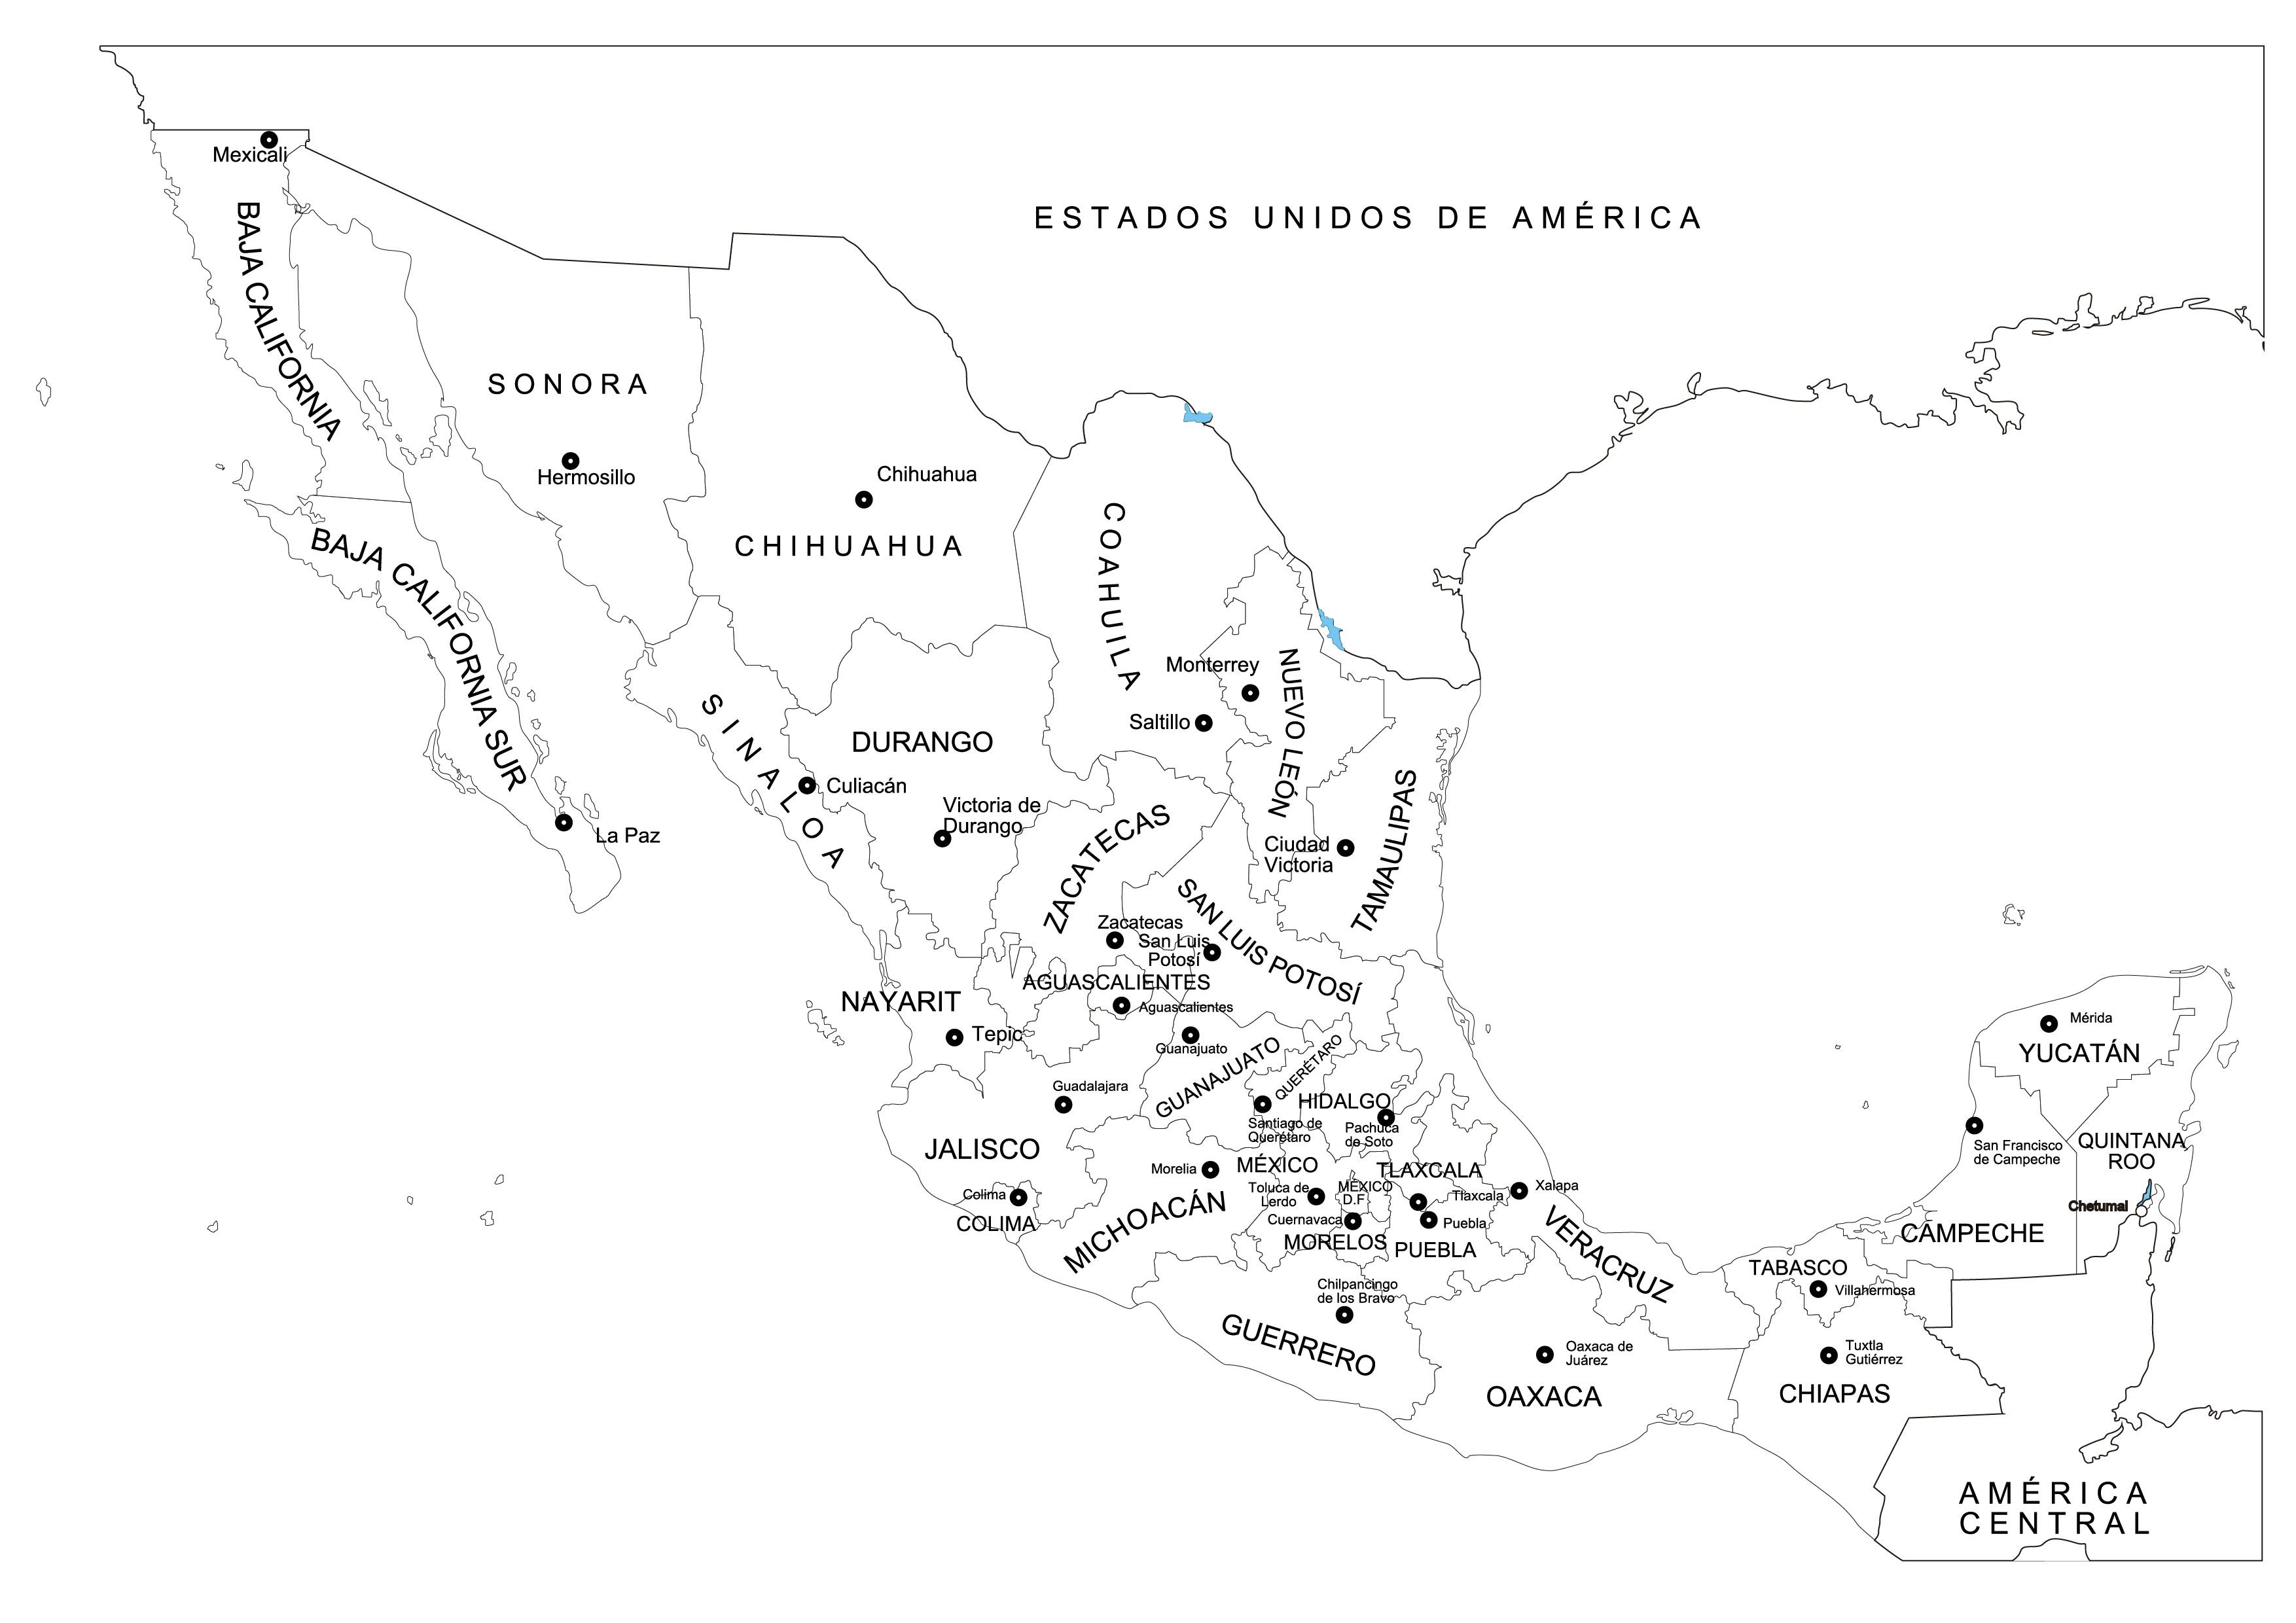 Mapa de México y sus estados